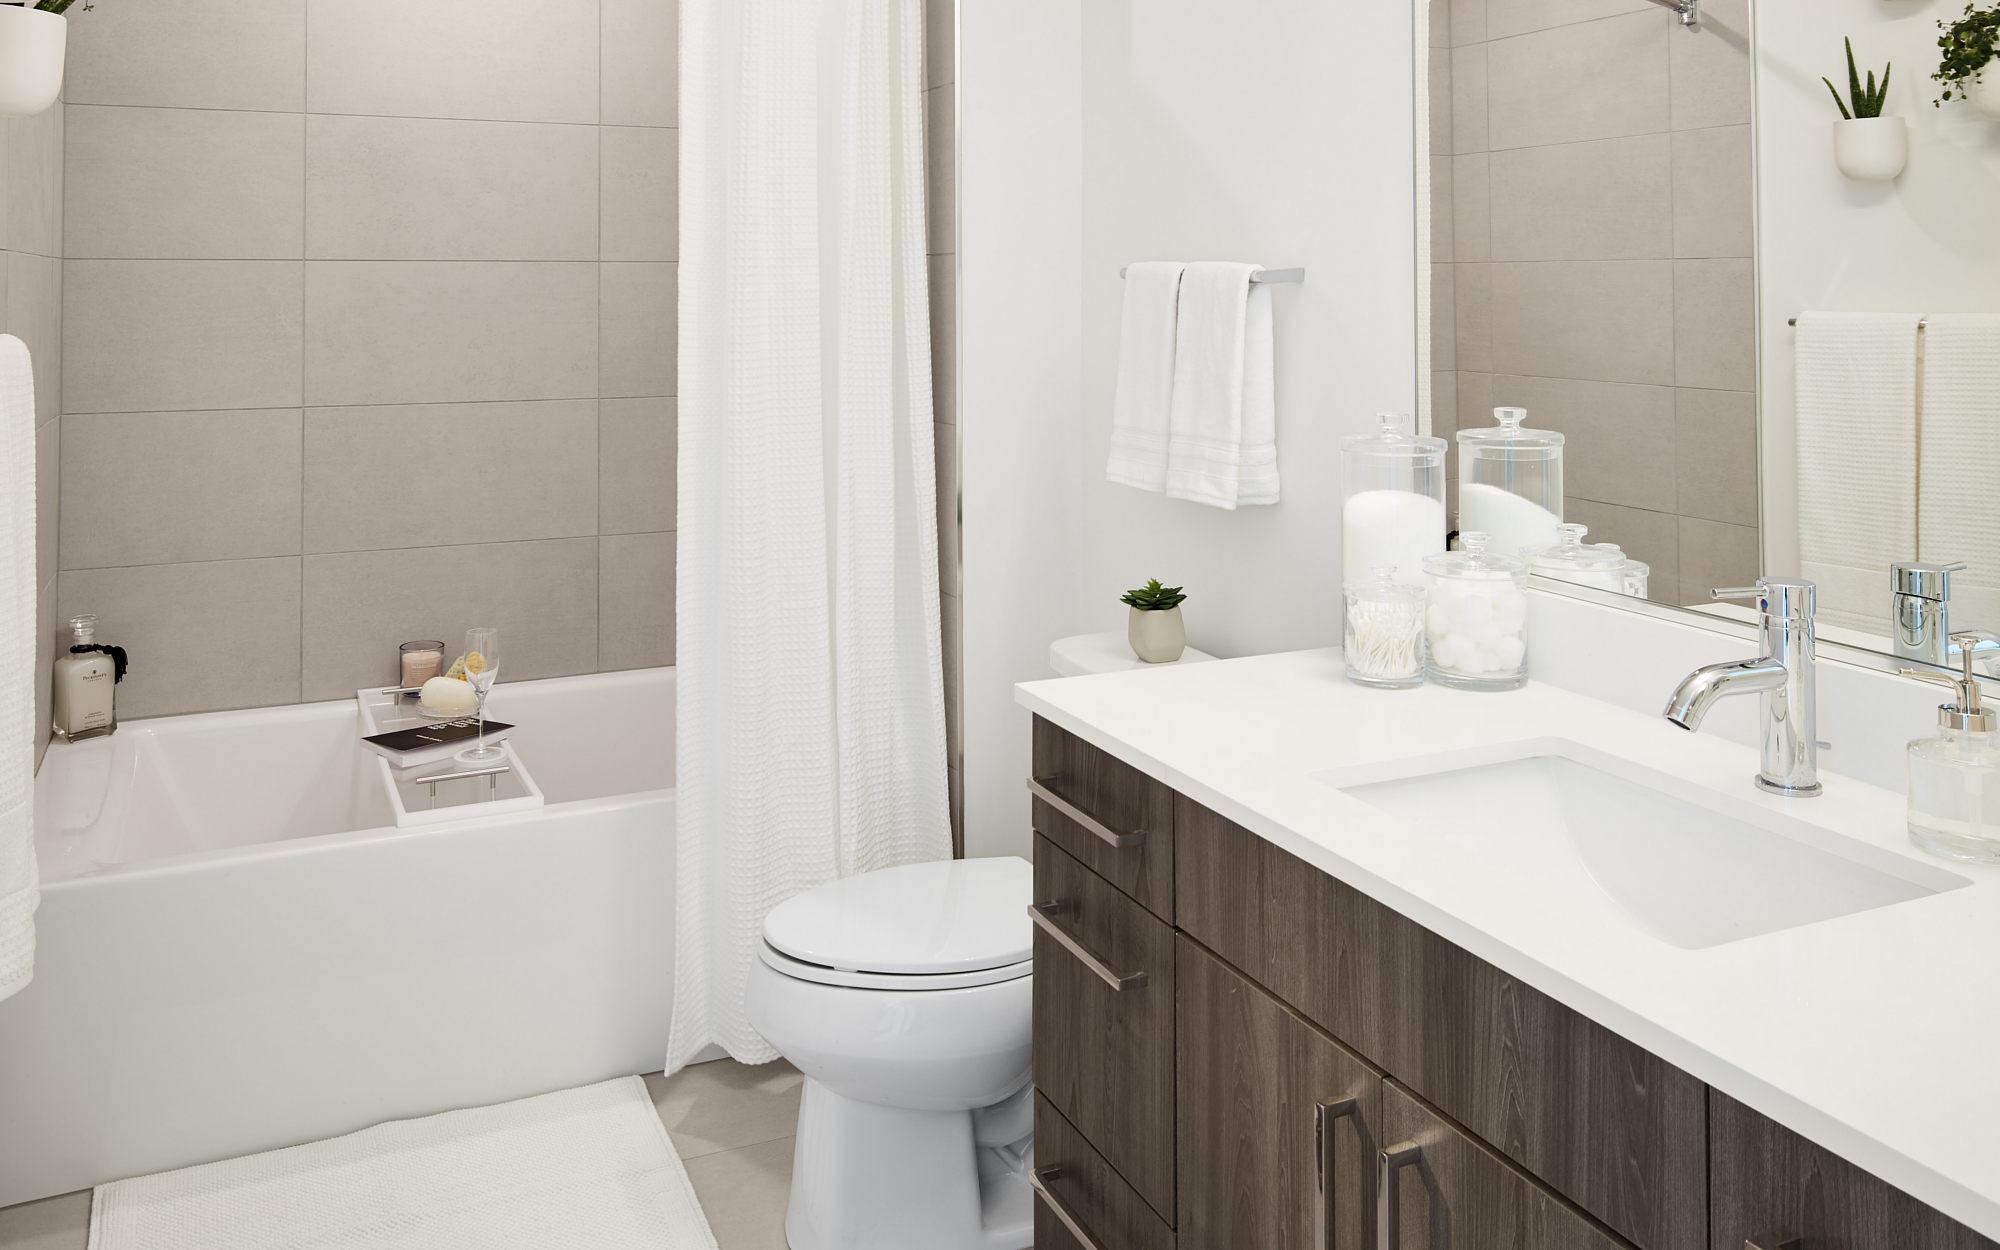 Essex model bathroom with bath